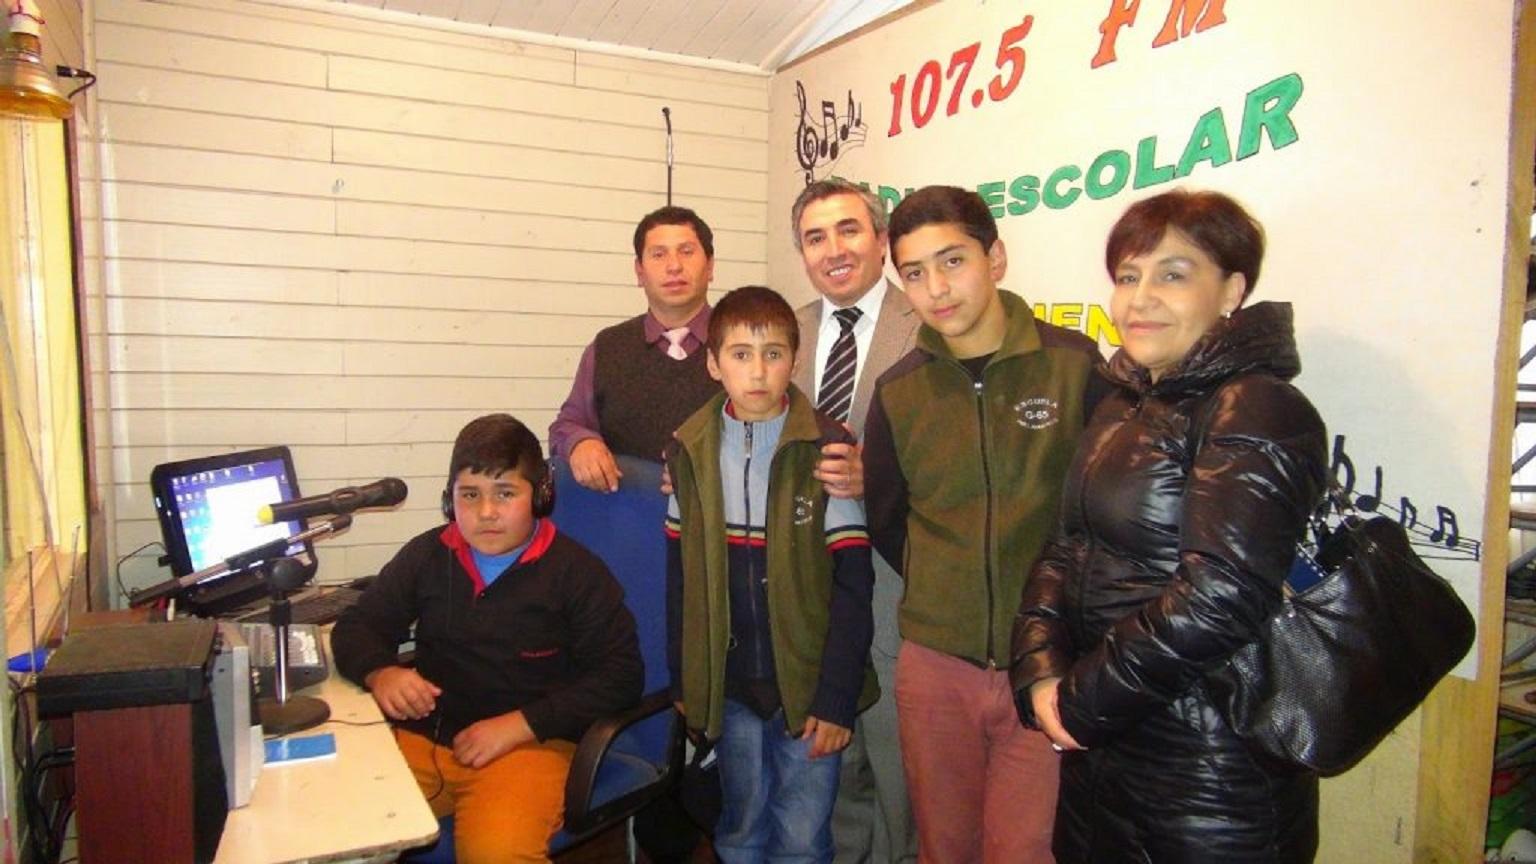 FM 107.5 RADIO ESCOLAR  EN ESC. «PELLAHUECO»